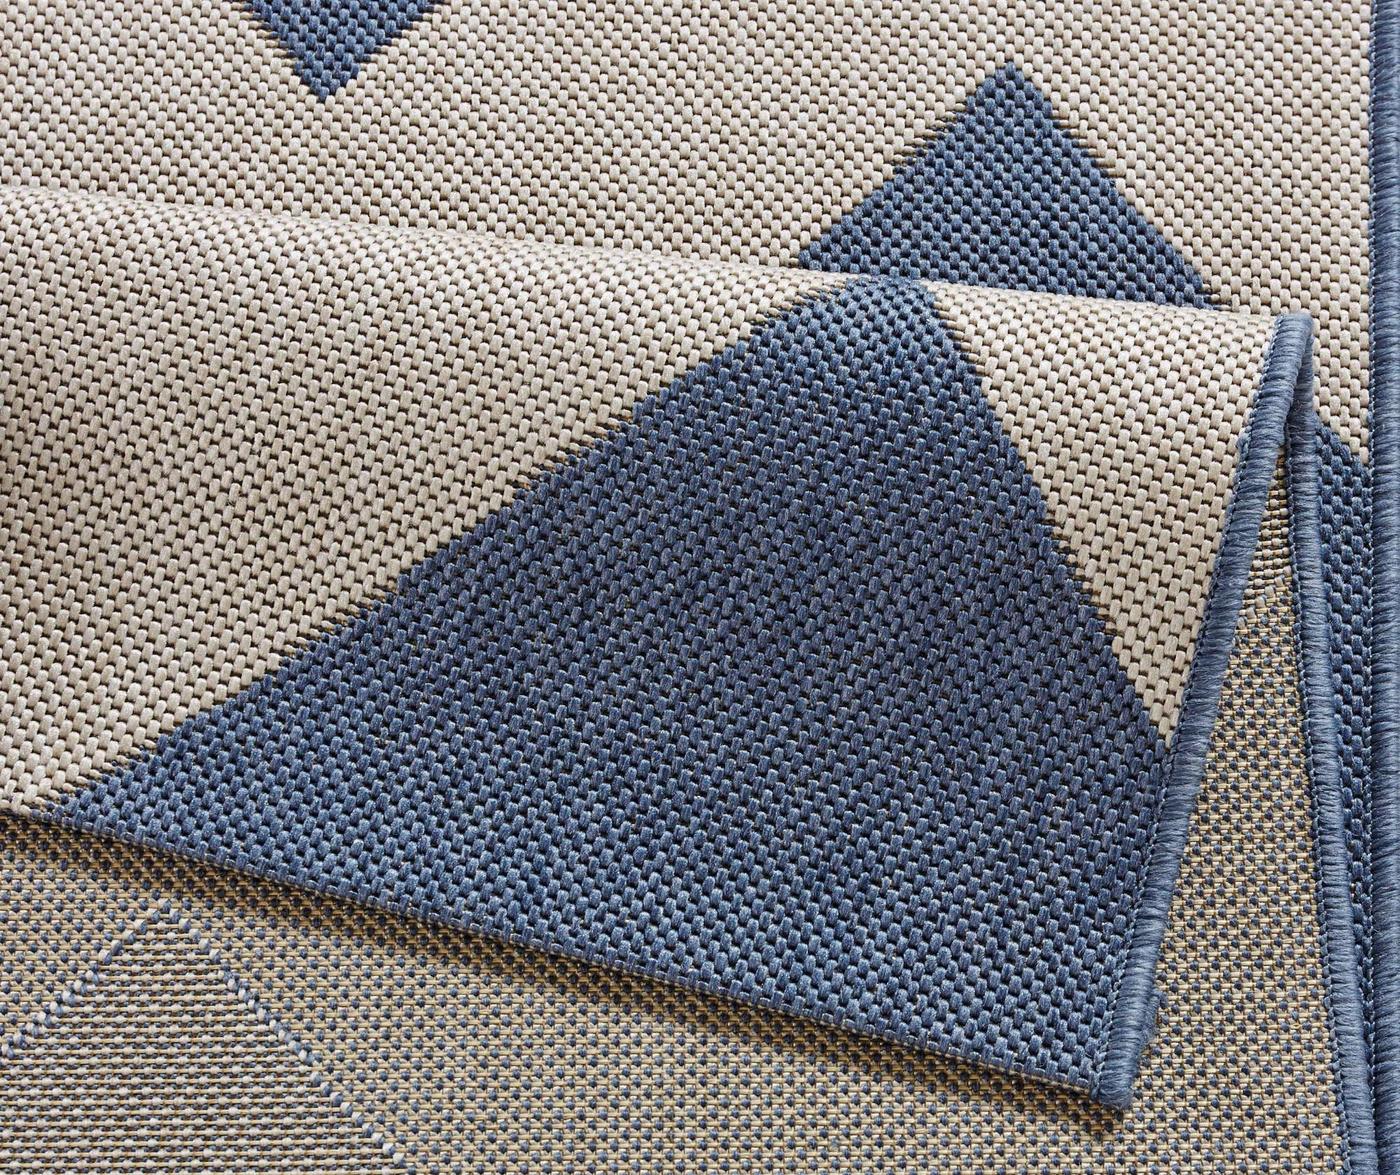 Zunanja preproga Meadow Unique Blue 160x230 cm